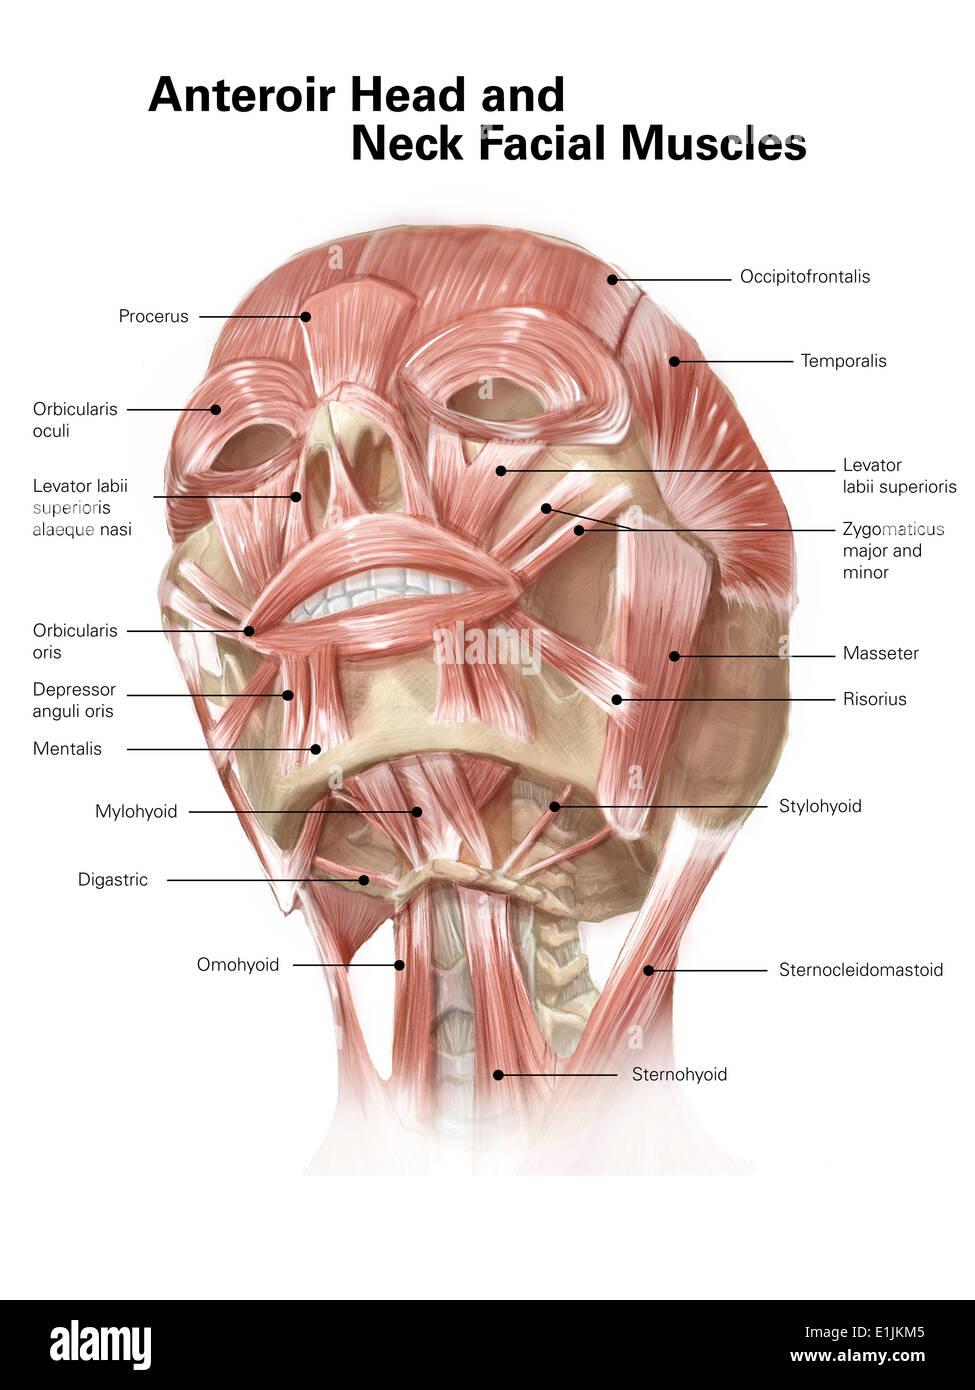 Vorderen Hals- und Gesichtsmuskeln des menschlichen Kopfes (mit ...